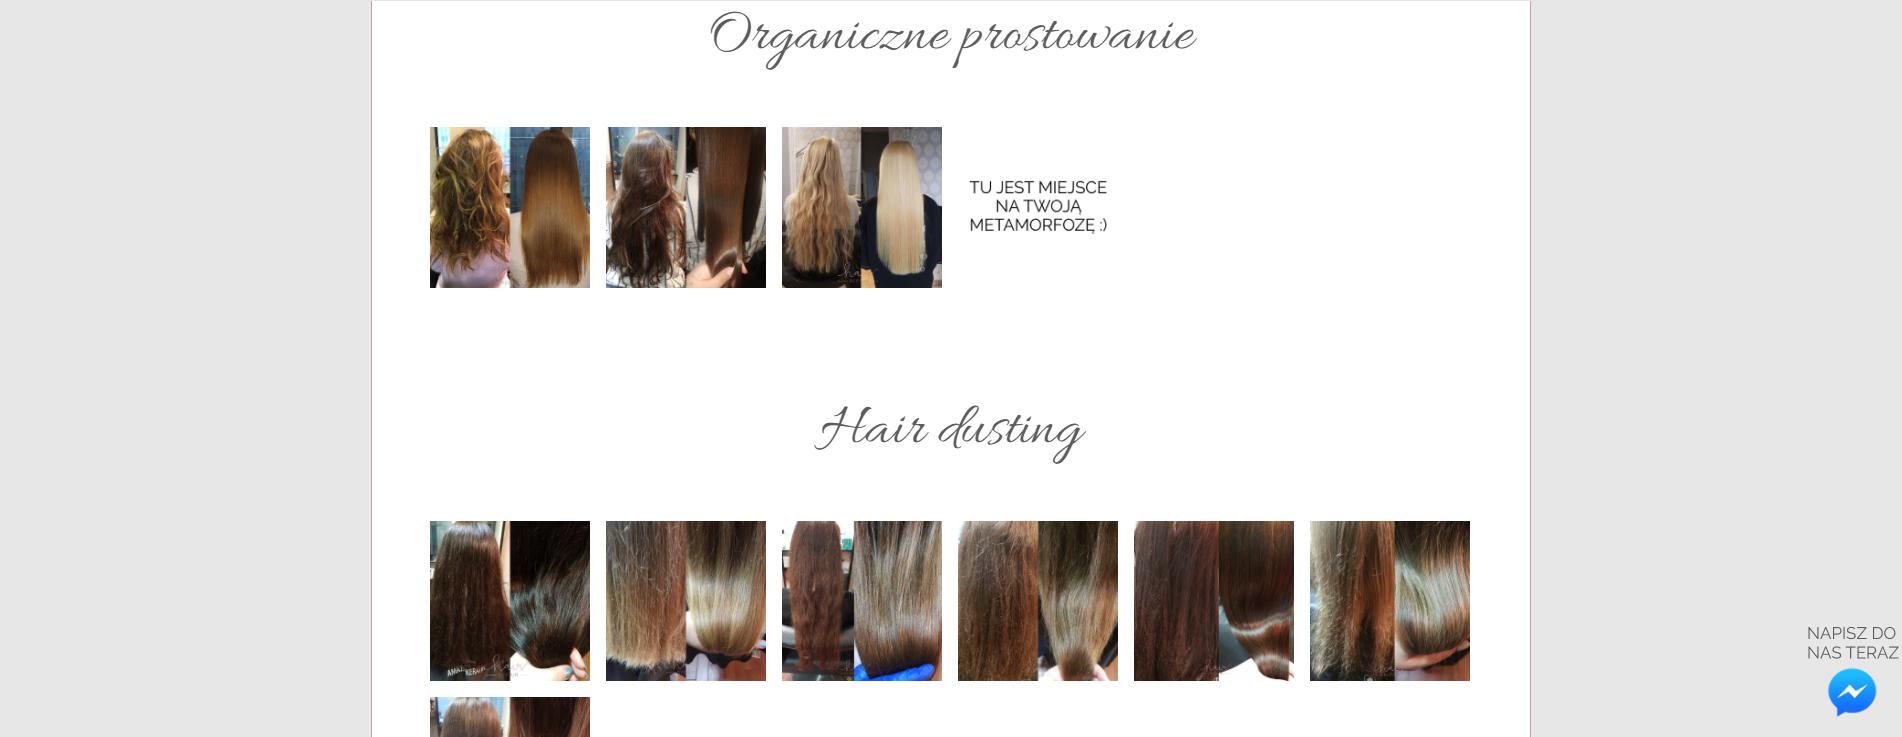 Efekty naszej pracy Hairrepair